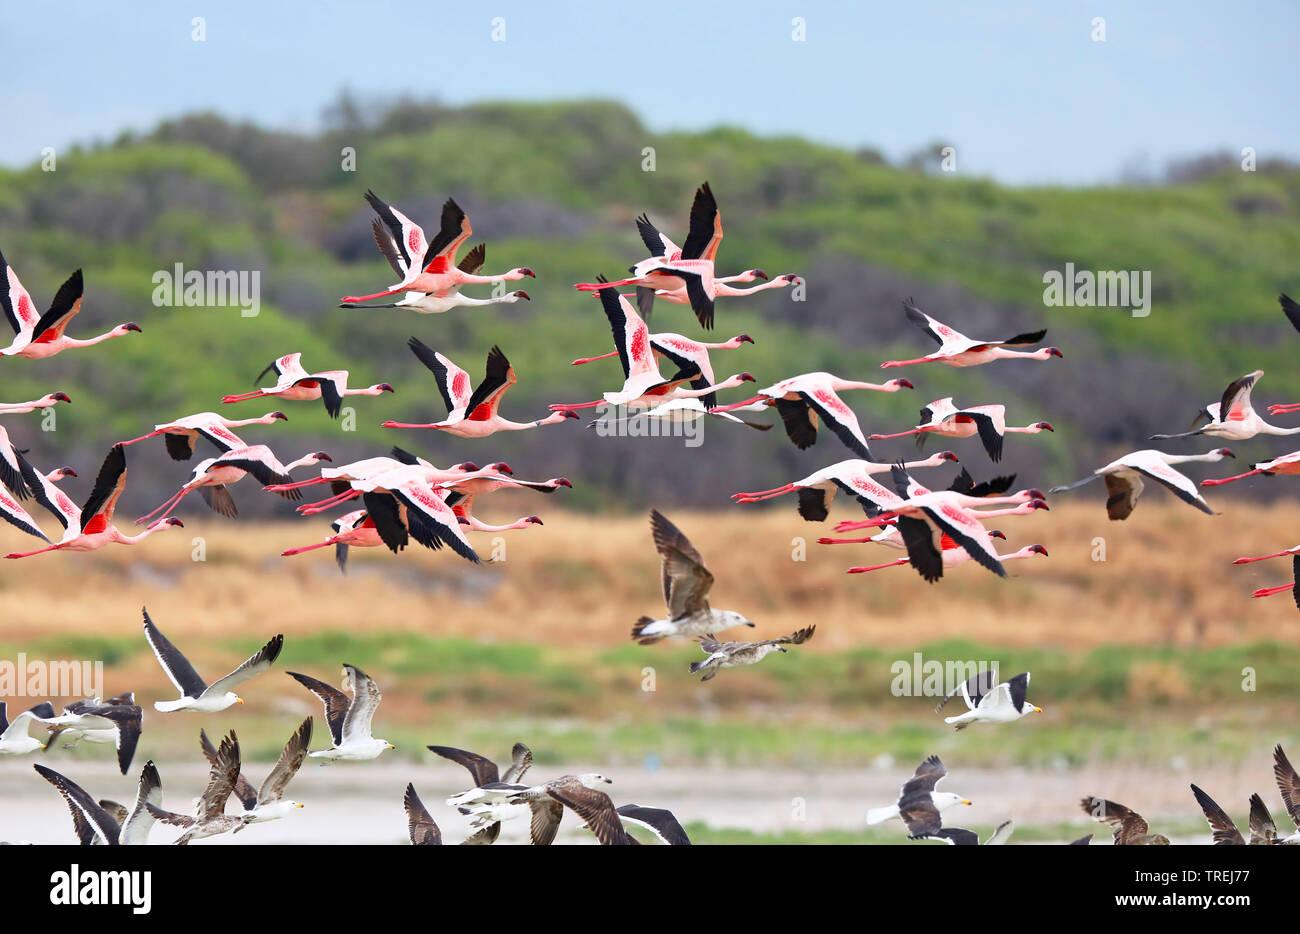 Zwergflamingo, Zwerg-Flamingo (Phoeniconaias minor, Phoenicopterus minor), auffliegender Trupp, Suedafrika | Lesser flamingo (Phoeniconaias minor, Pho - Stock Image